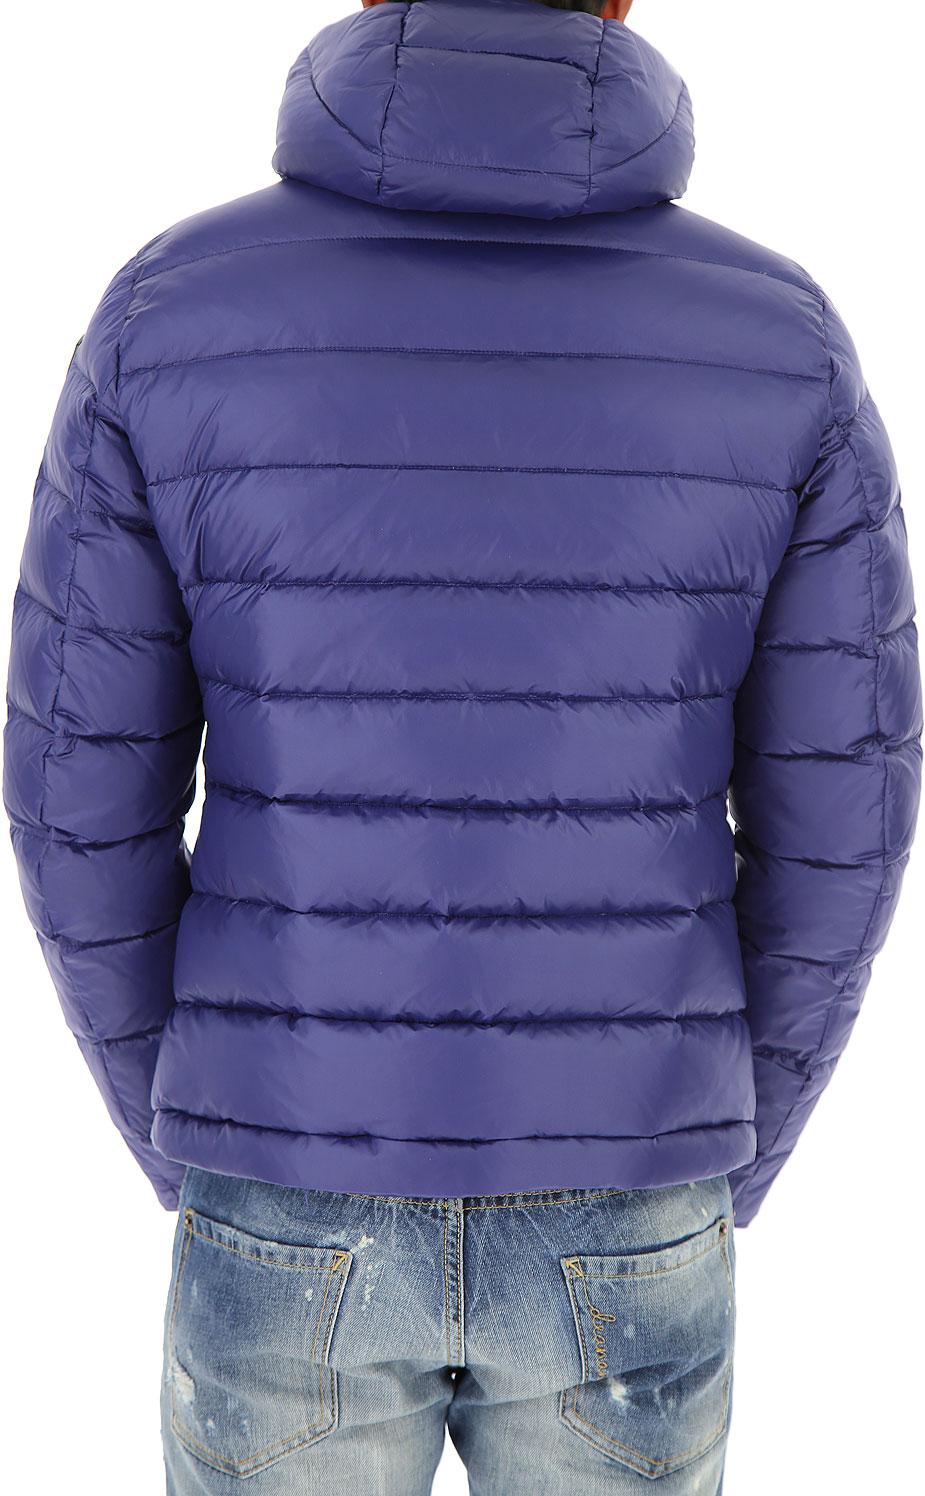 Abbigliamento Uomo Blauer, Codice Articolo: 17wbluc03217-004288-891